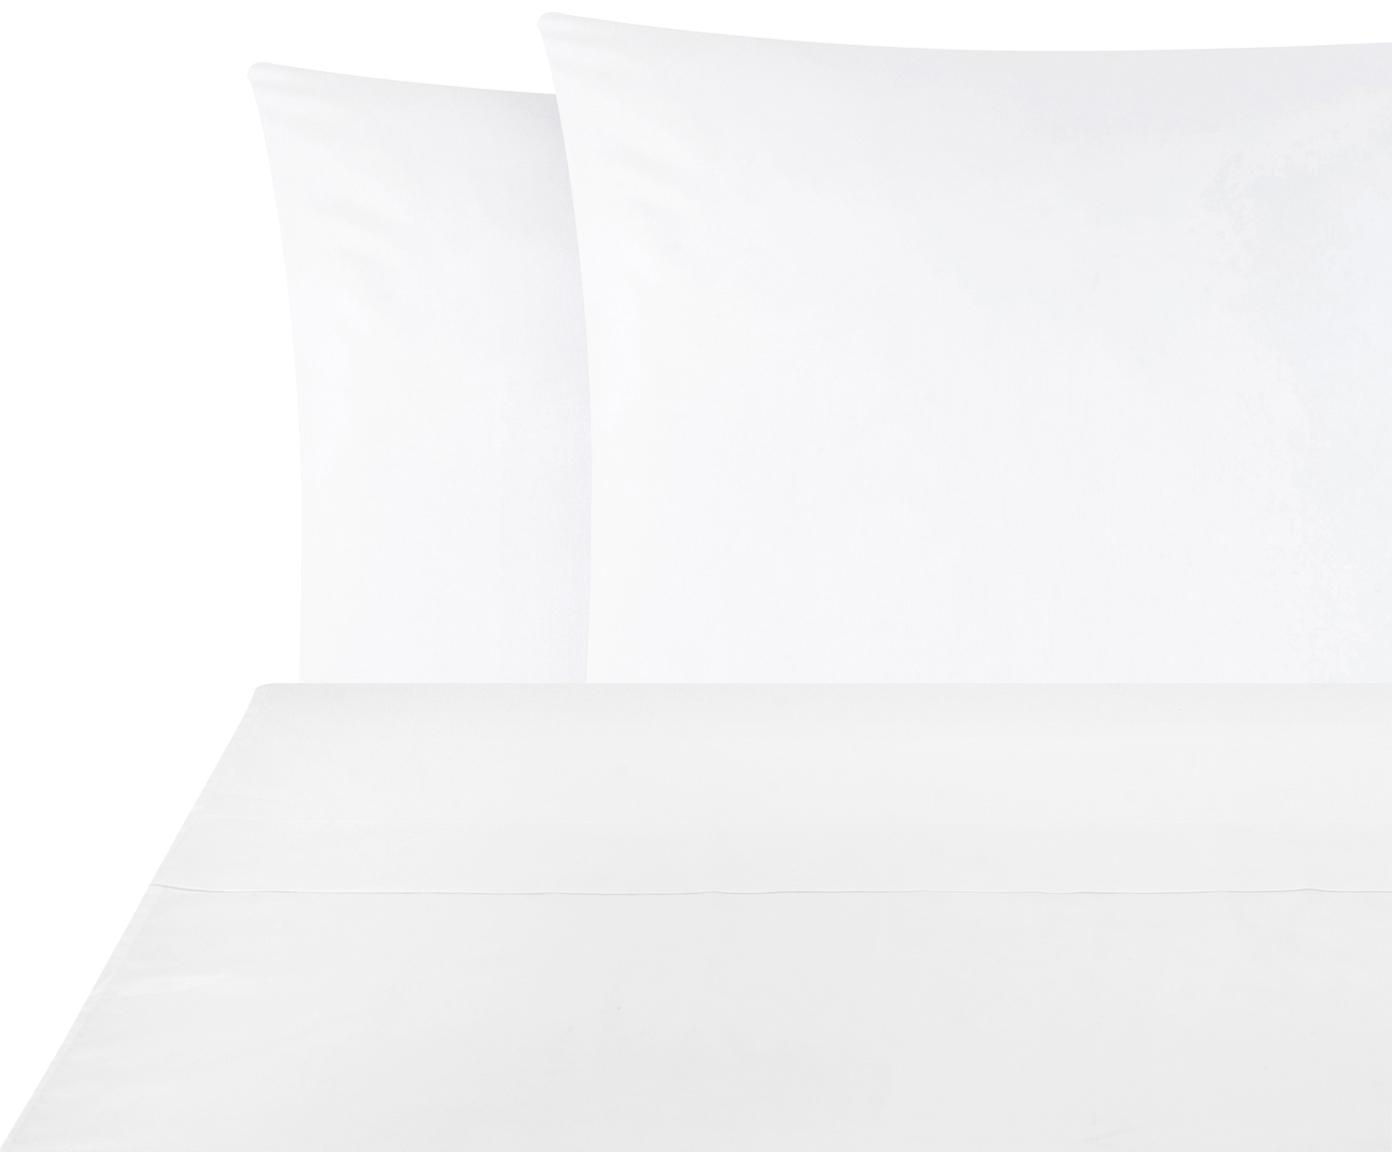 Set lenzuola in raso di cotone Comfort 2 pz, Tessuto: raso Densità del filo 250, Bianco, 240 x 300 cm